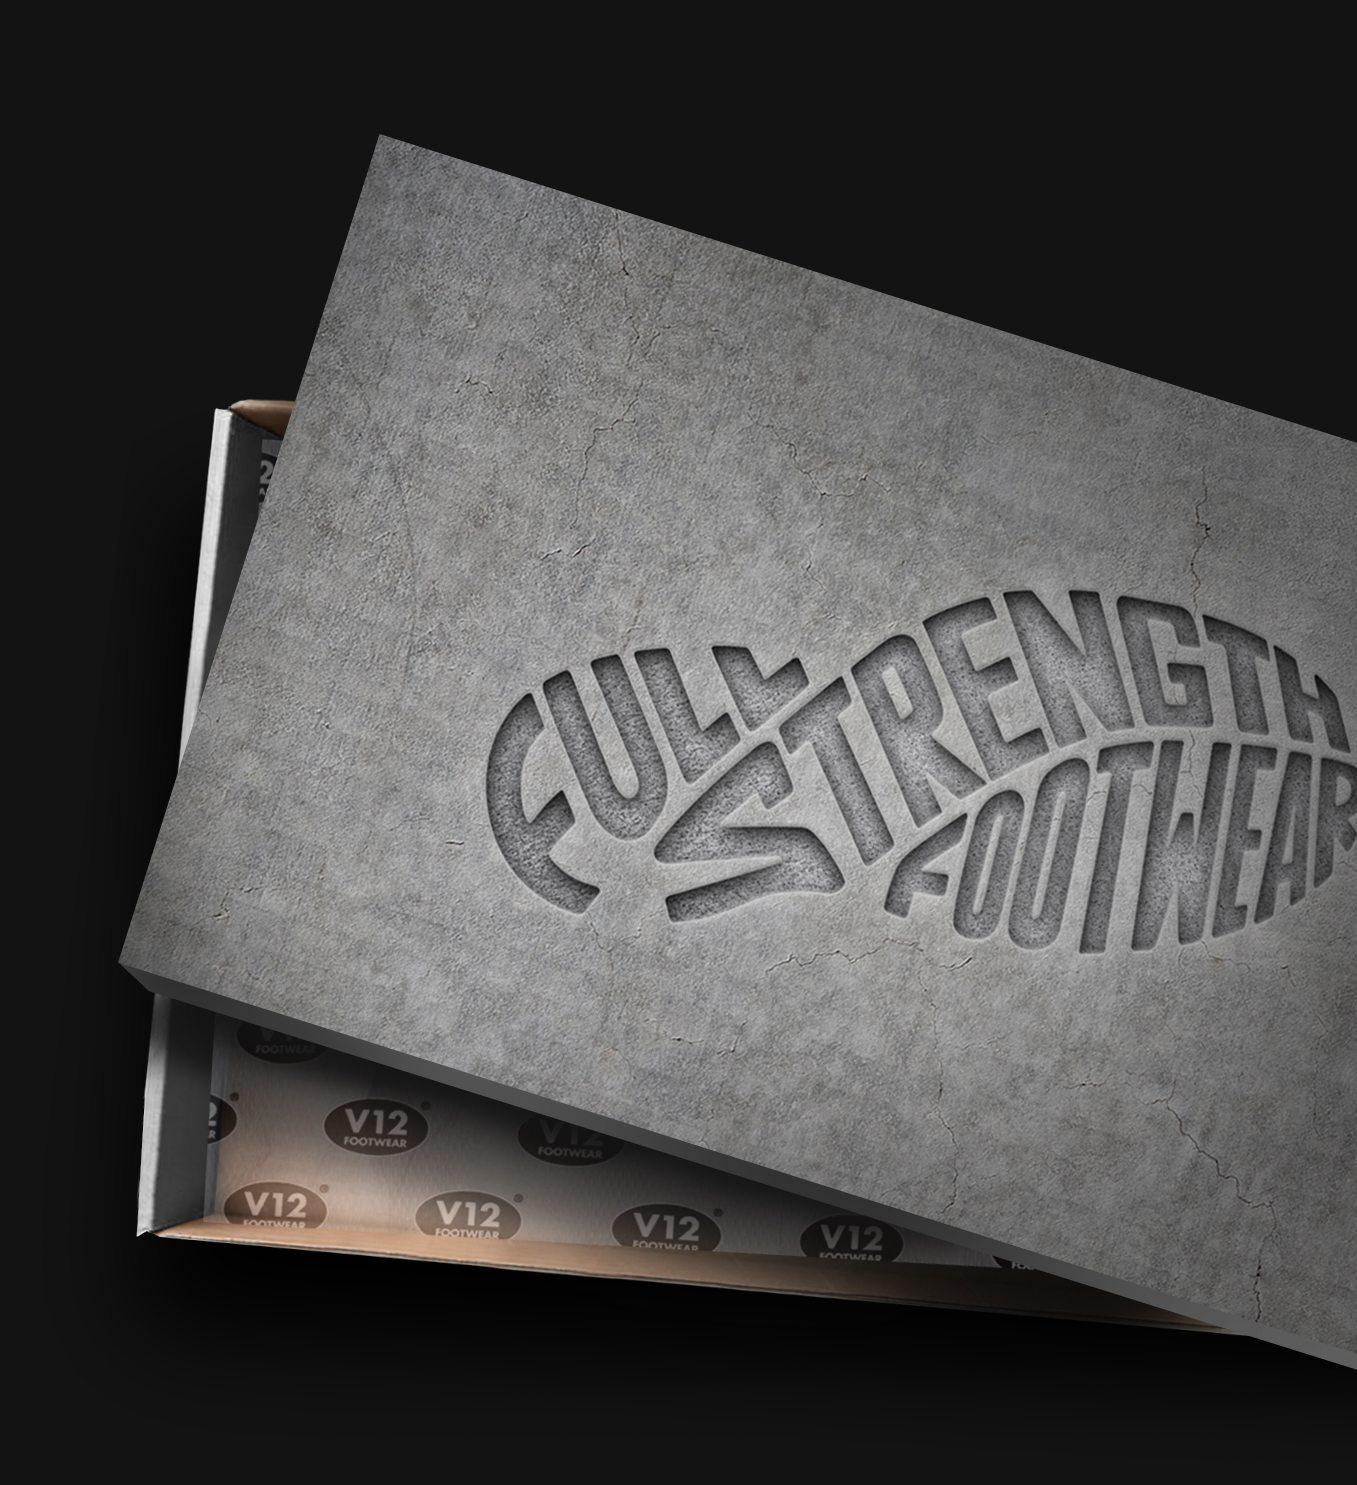 V12 Footwear Shoe Box Packaging Design